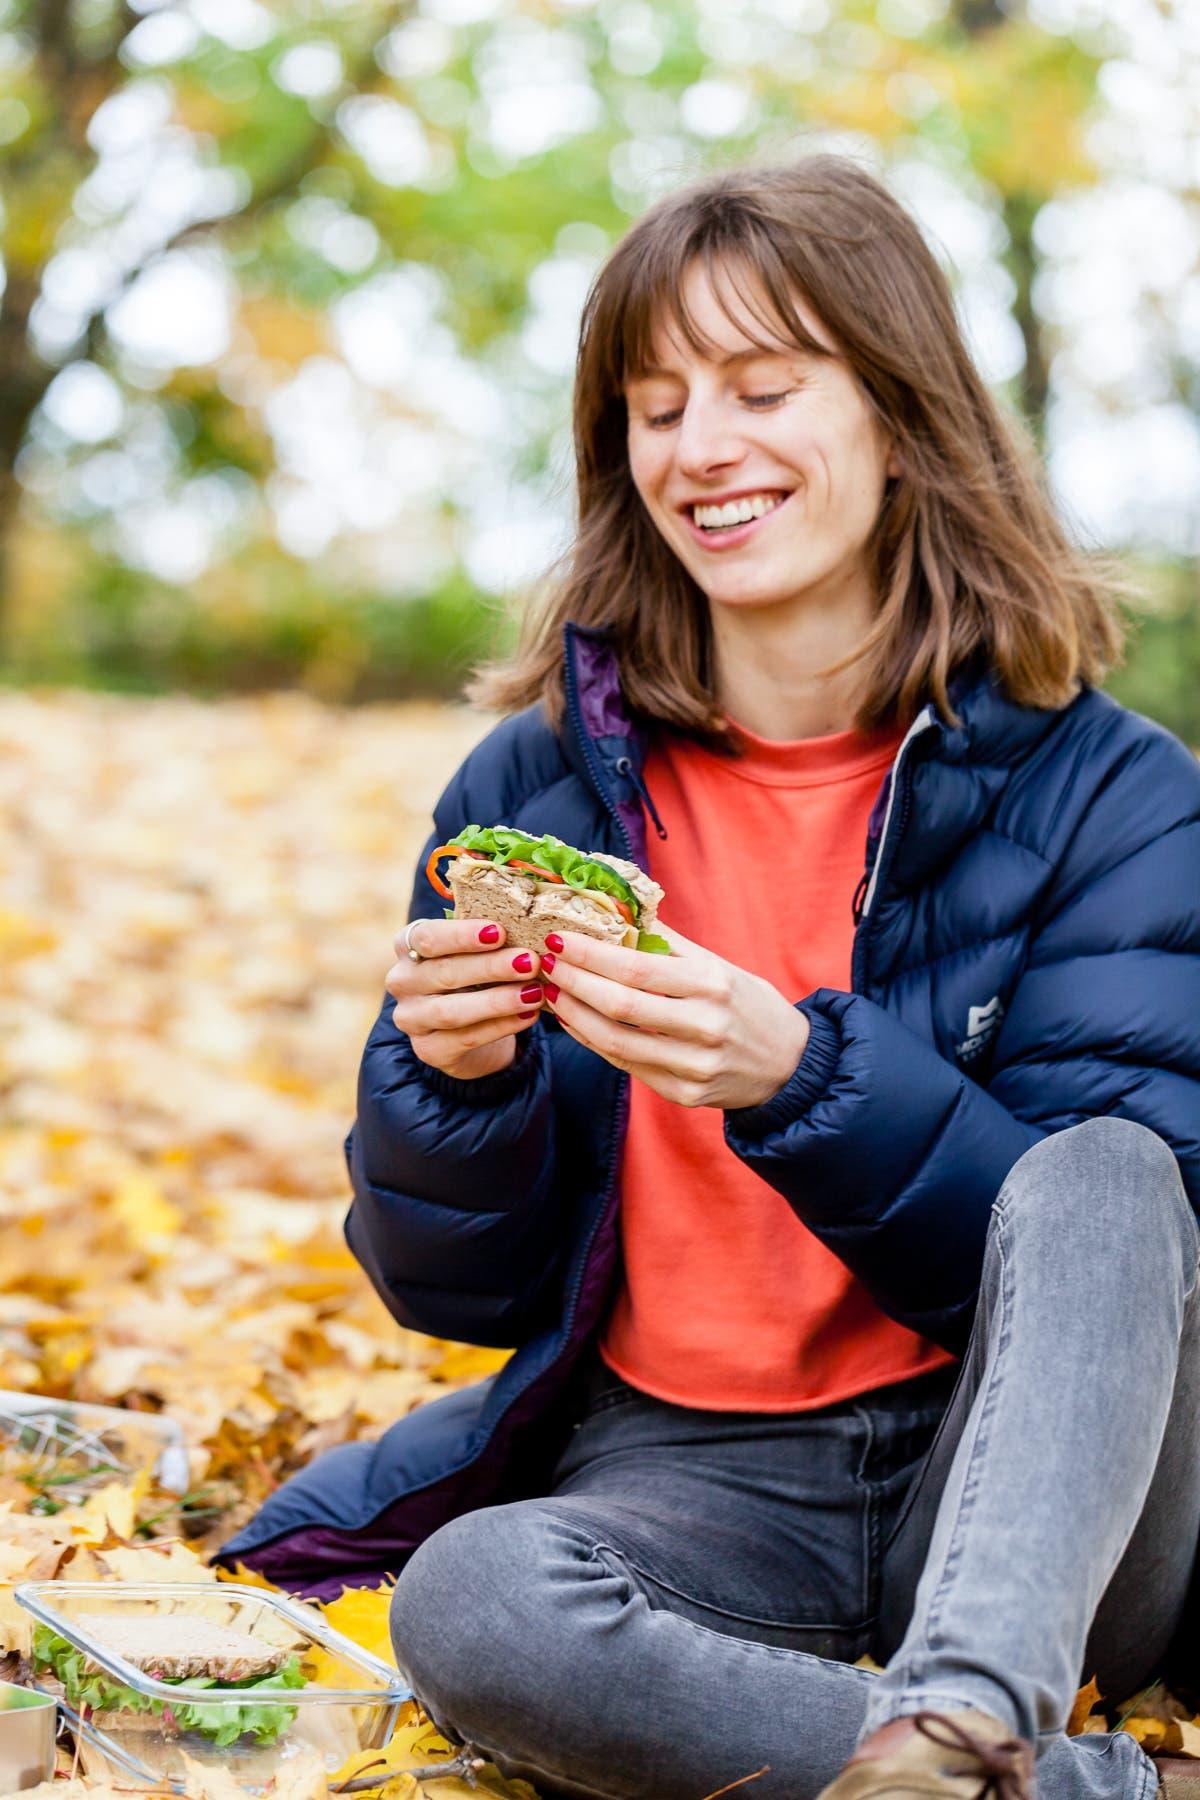 Frau hält ein mit Käse und Salat belegtes Sandwich in der Hand und schaut lächelnd auf das Brot.